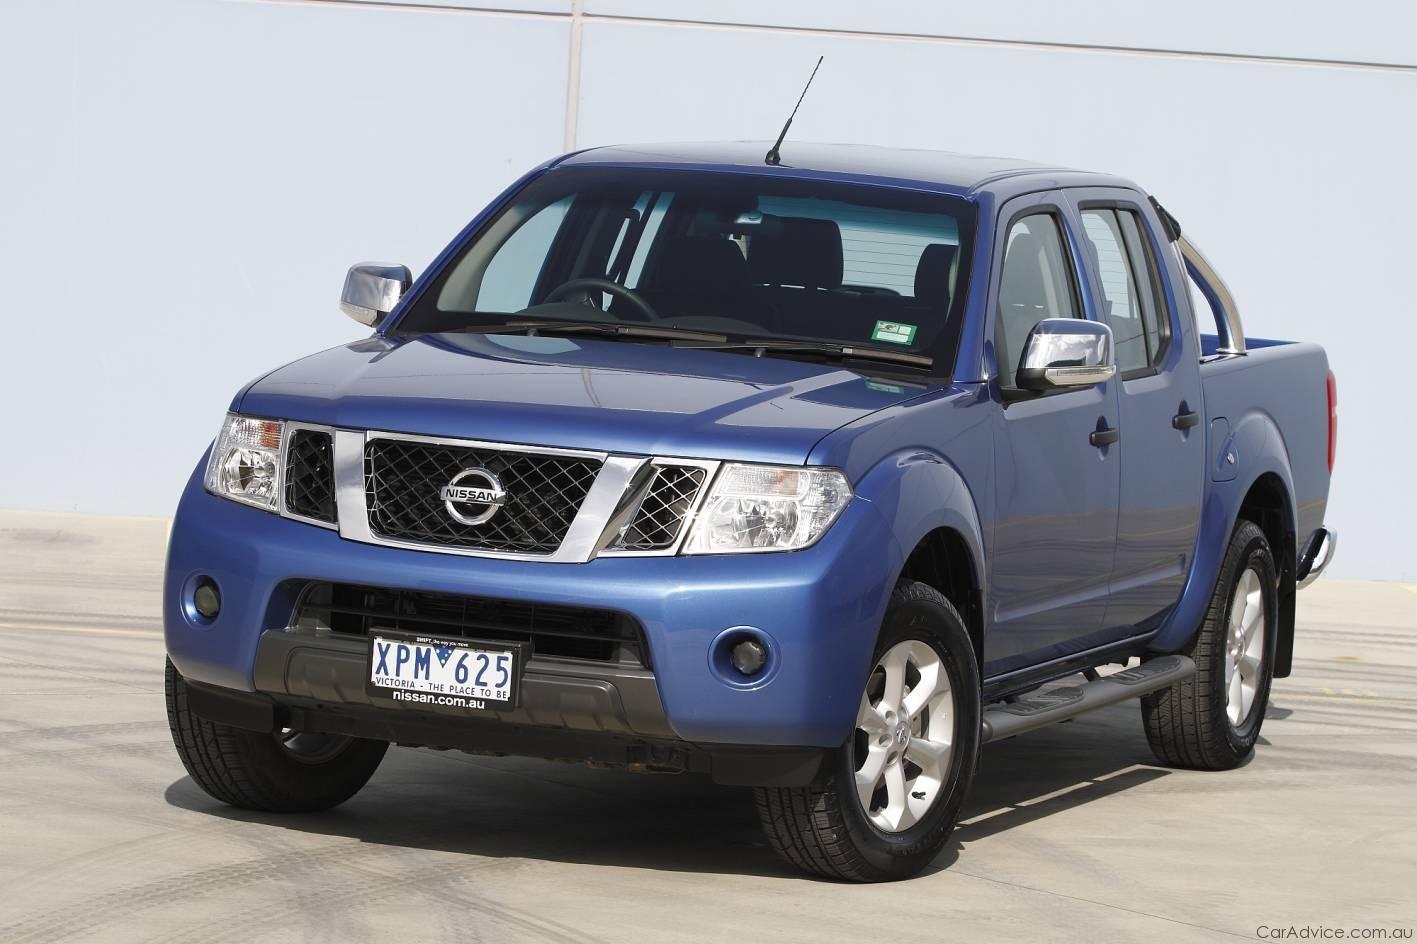 ����� ����� ������ 2014 , ����� ������� ������ 2014 Nissan Navara